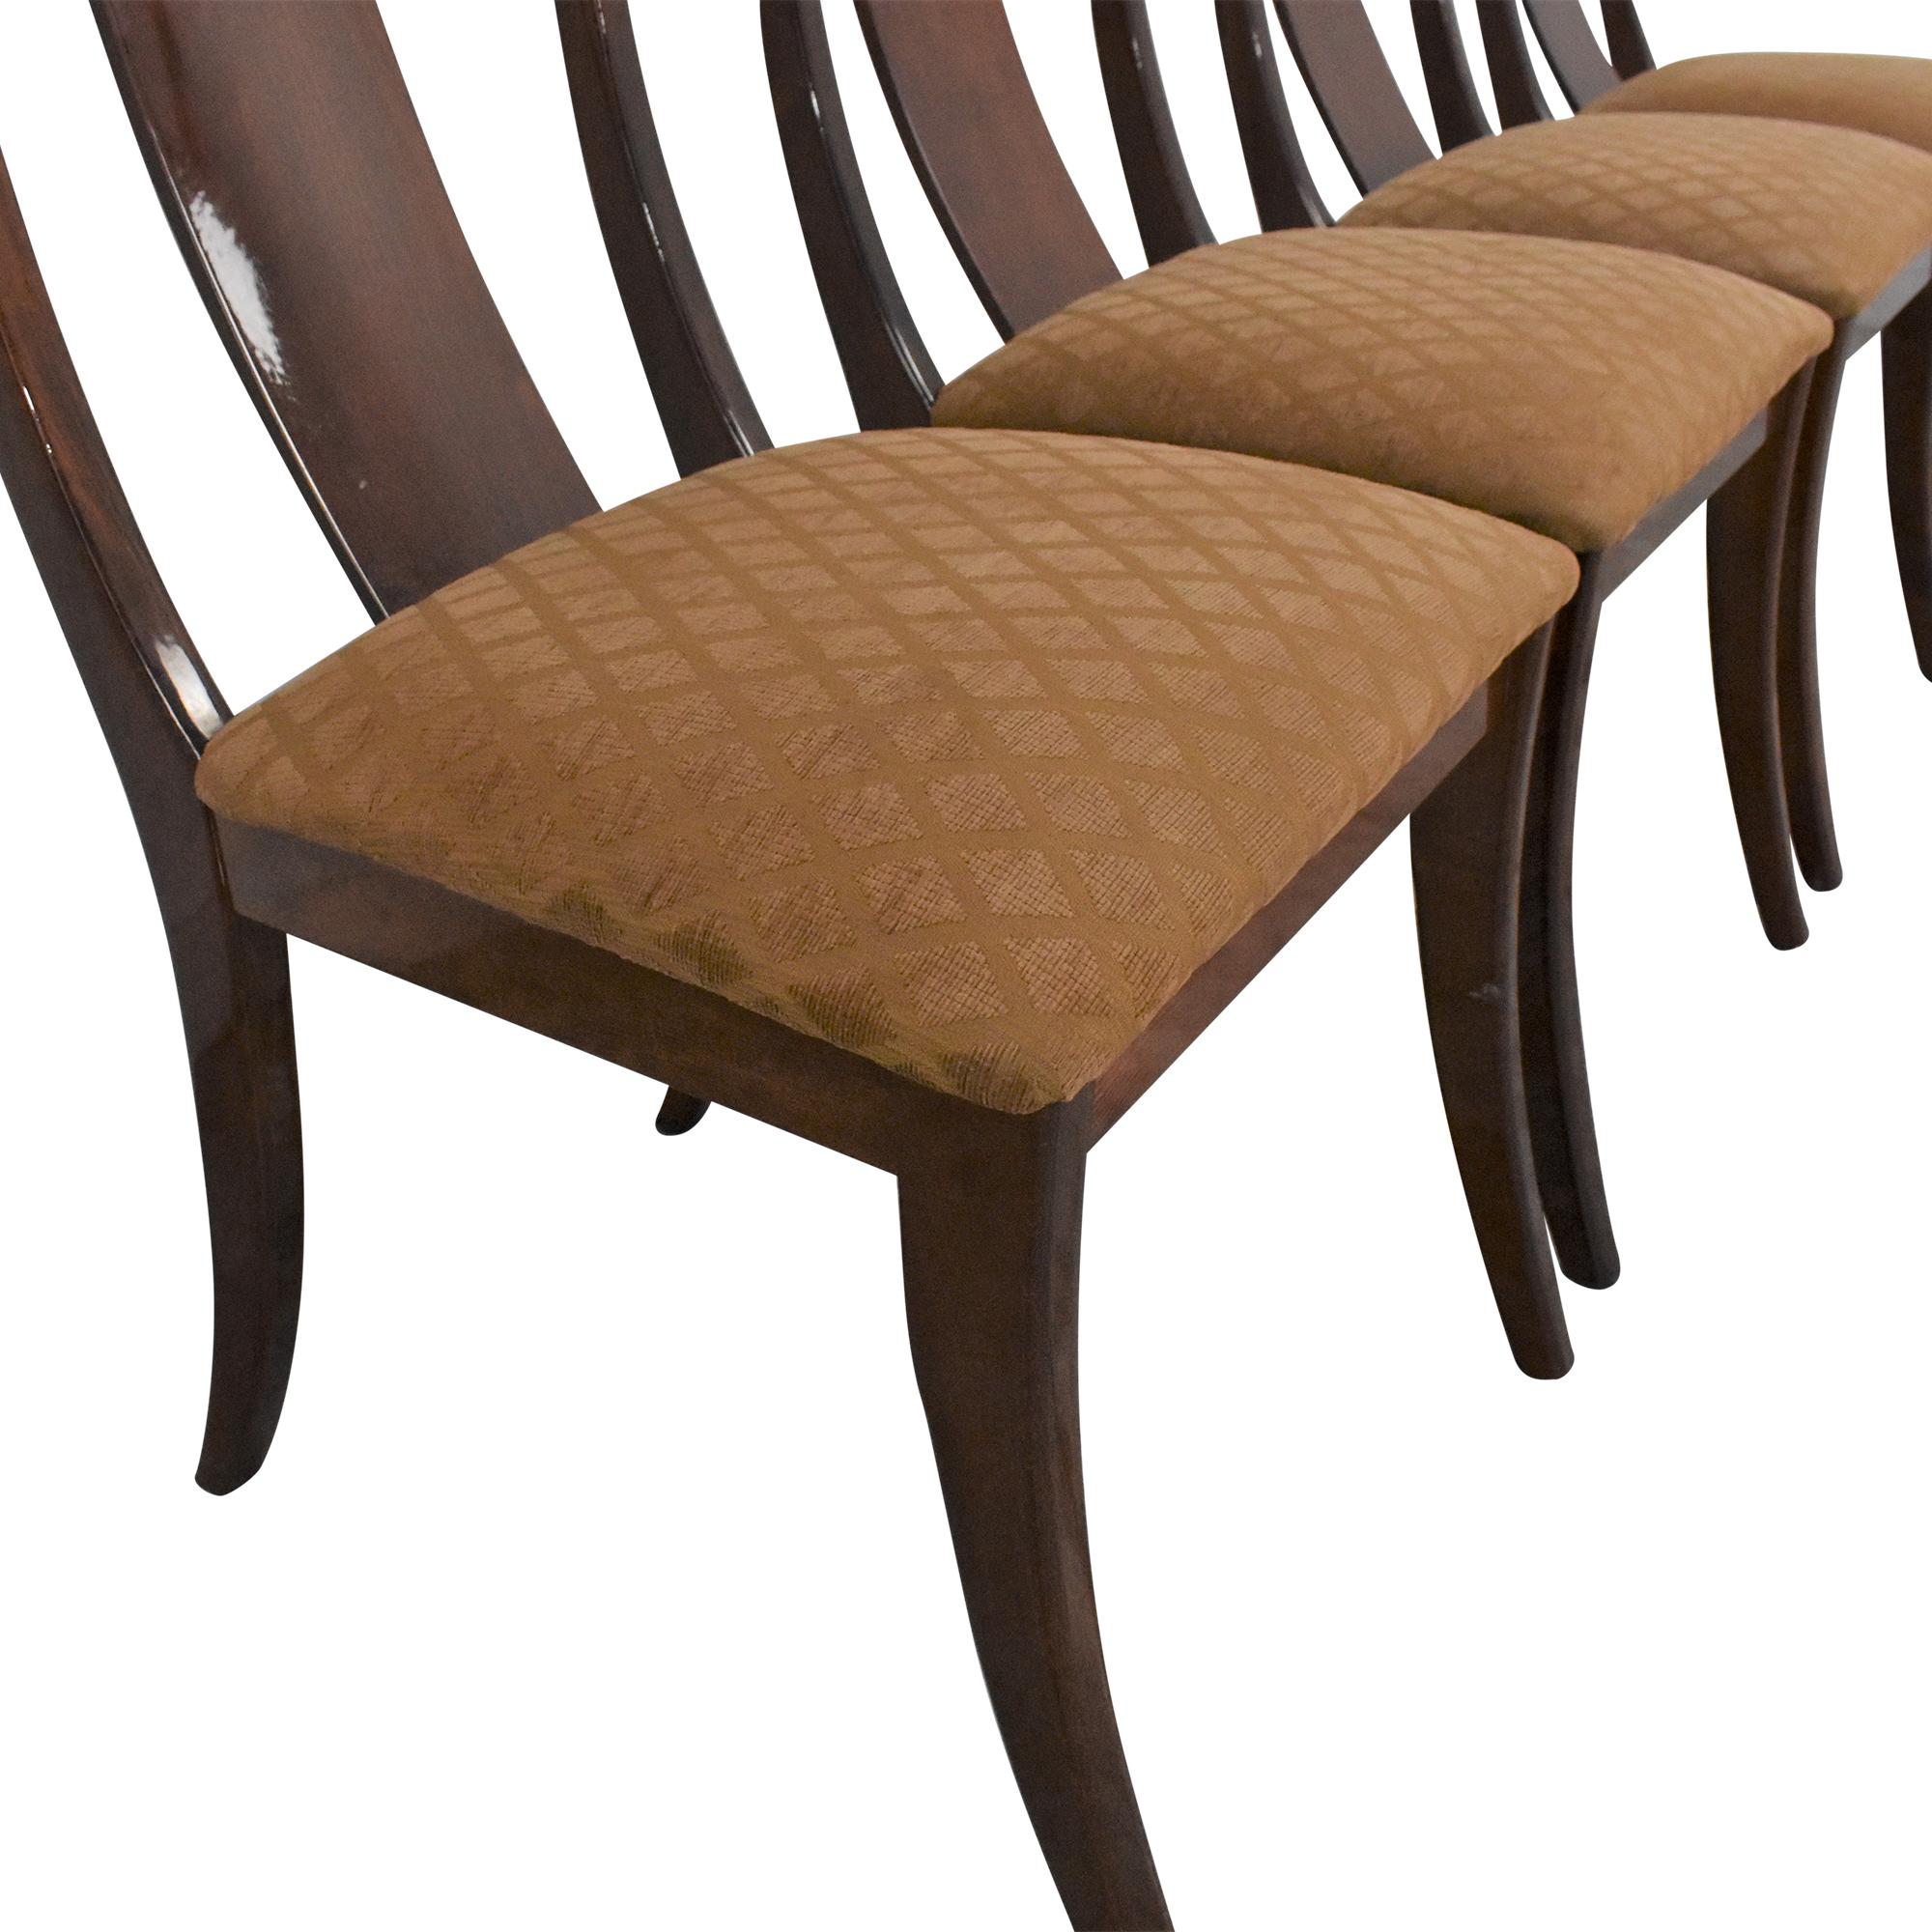 Ello Furniture Pietro Constantini for Ello Klismos Dining Chairs discount